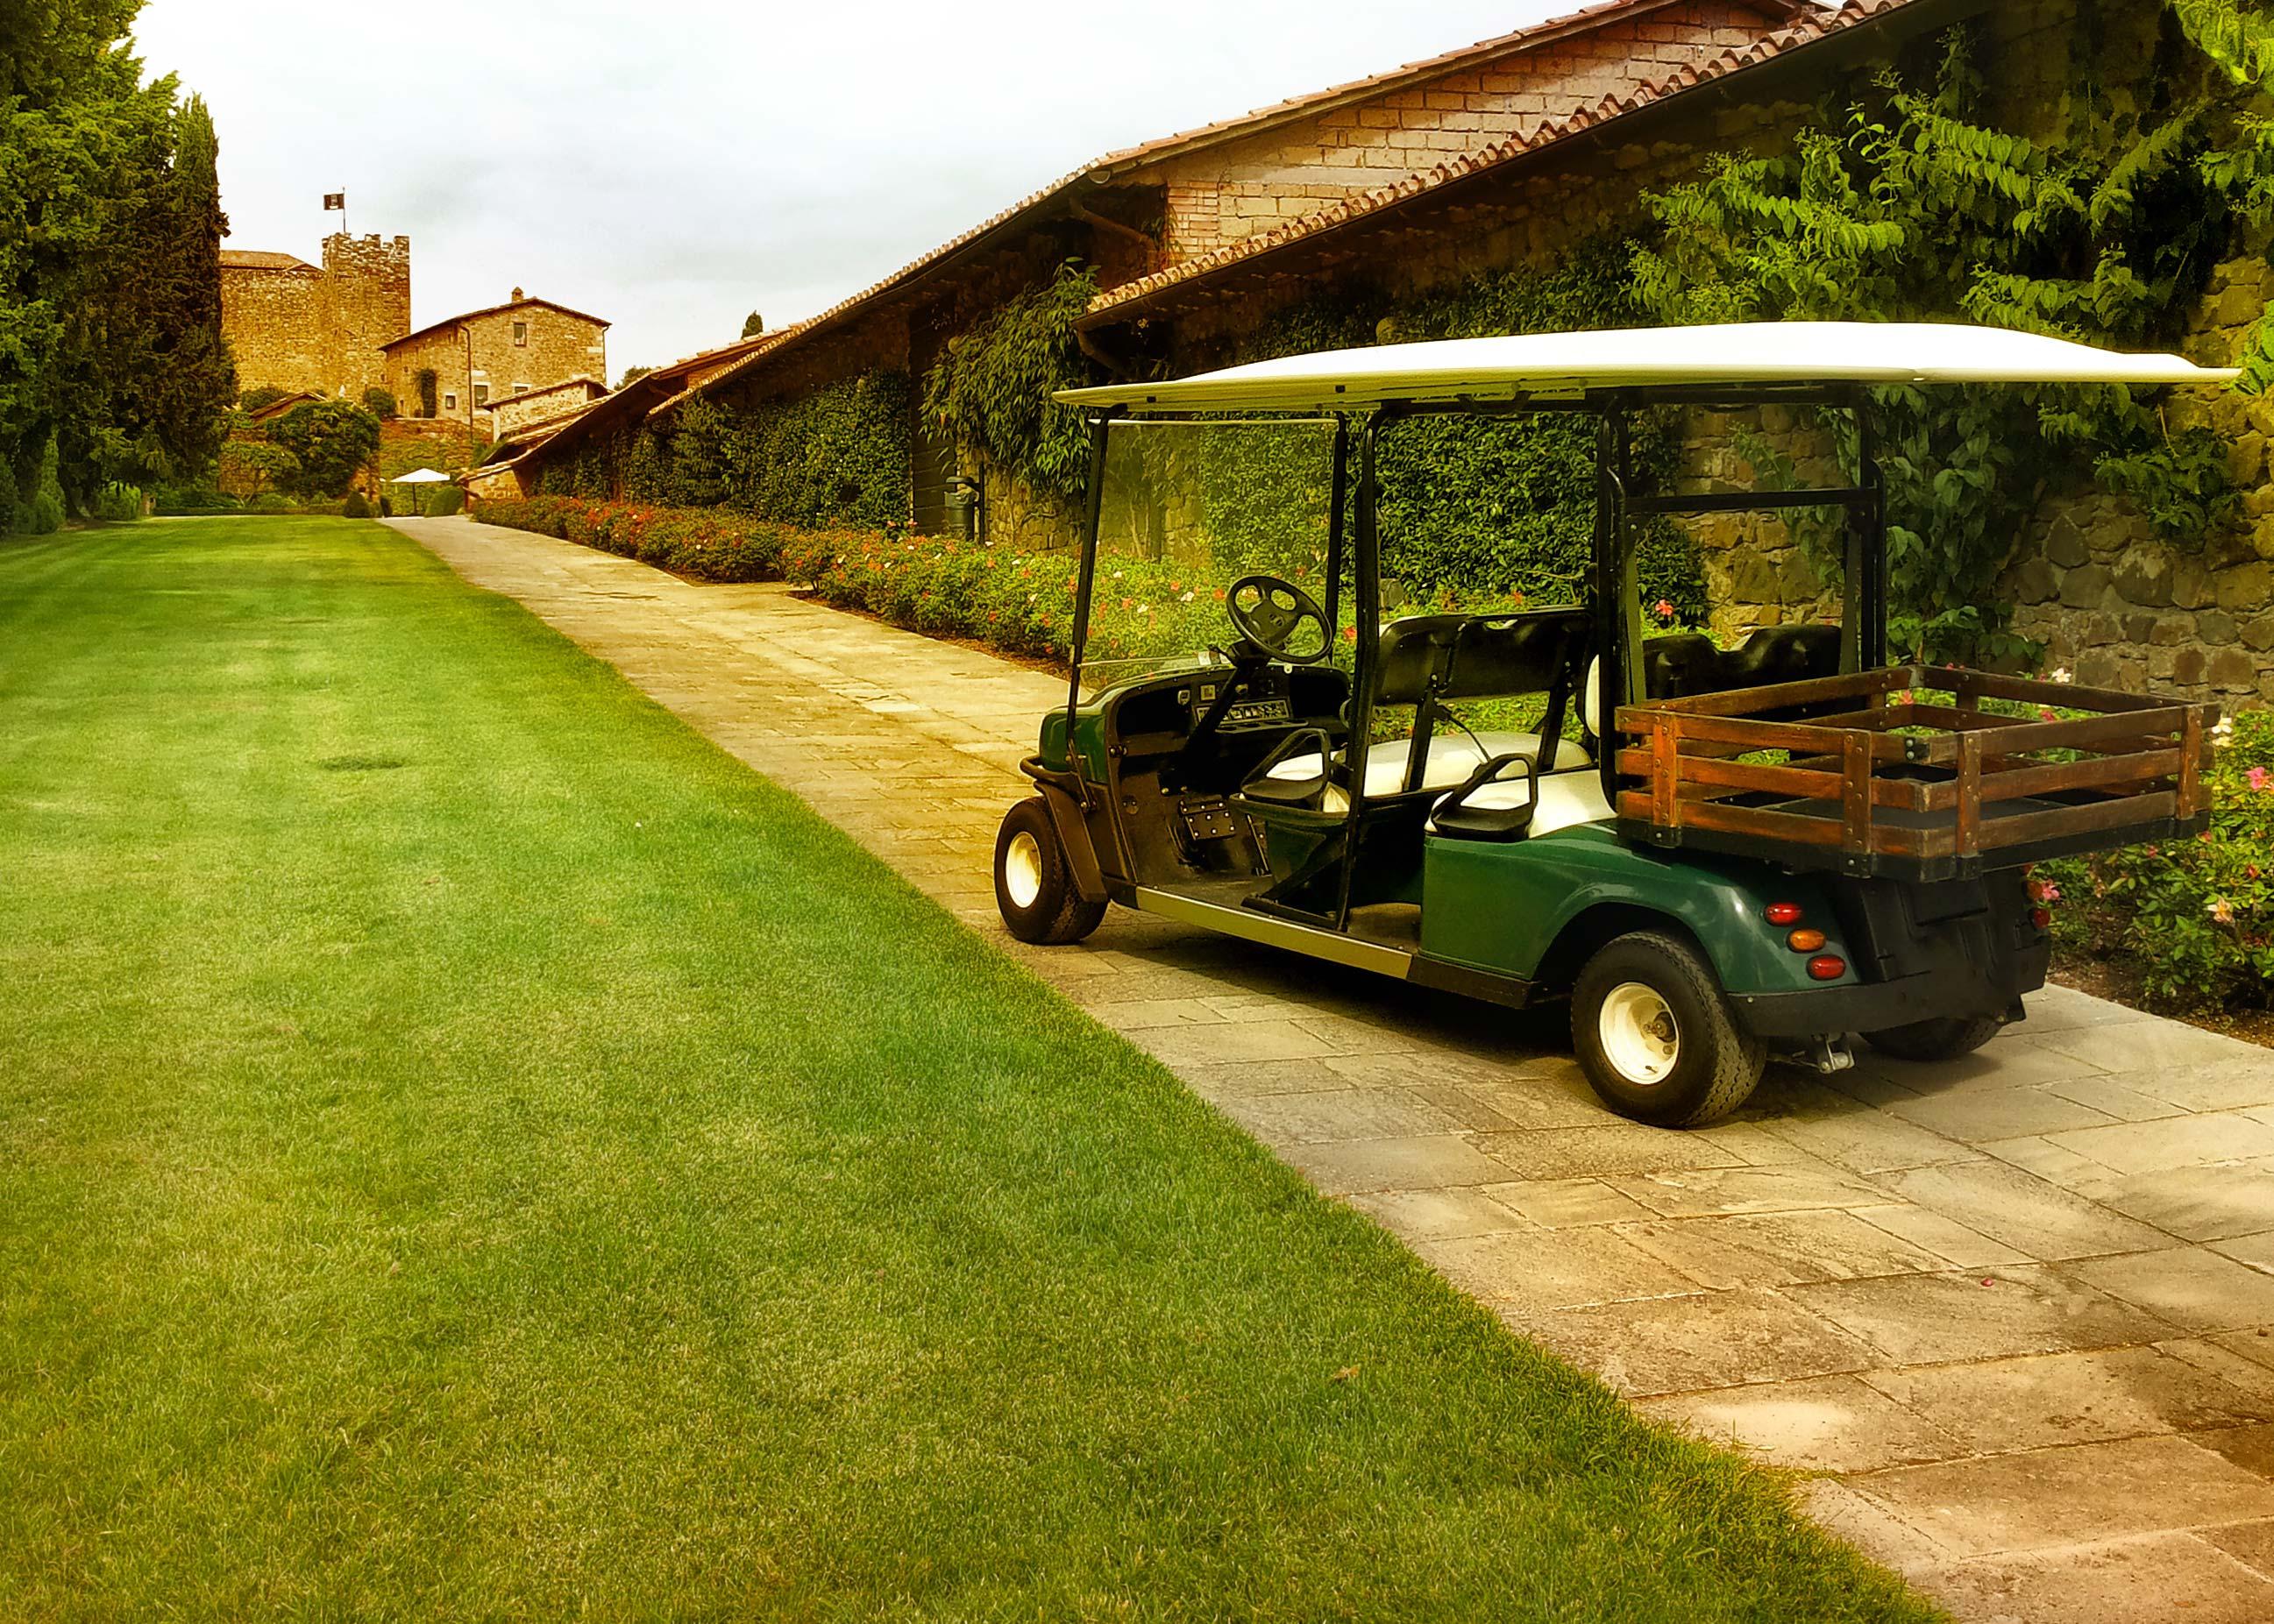 Carrelli golf elettrici prezzi pompa depressione for Miniascensori usati